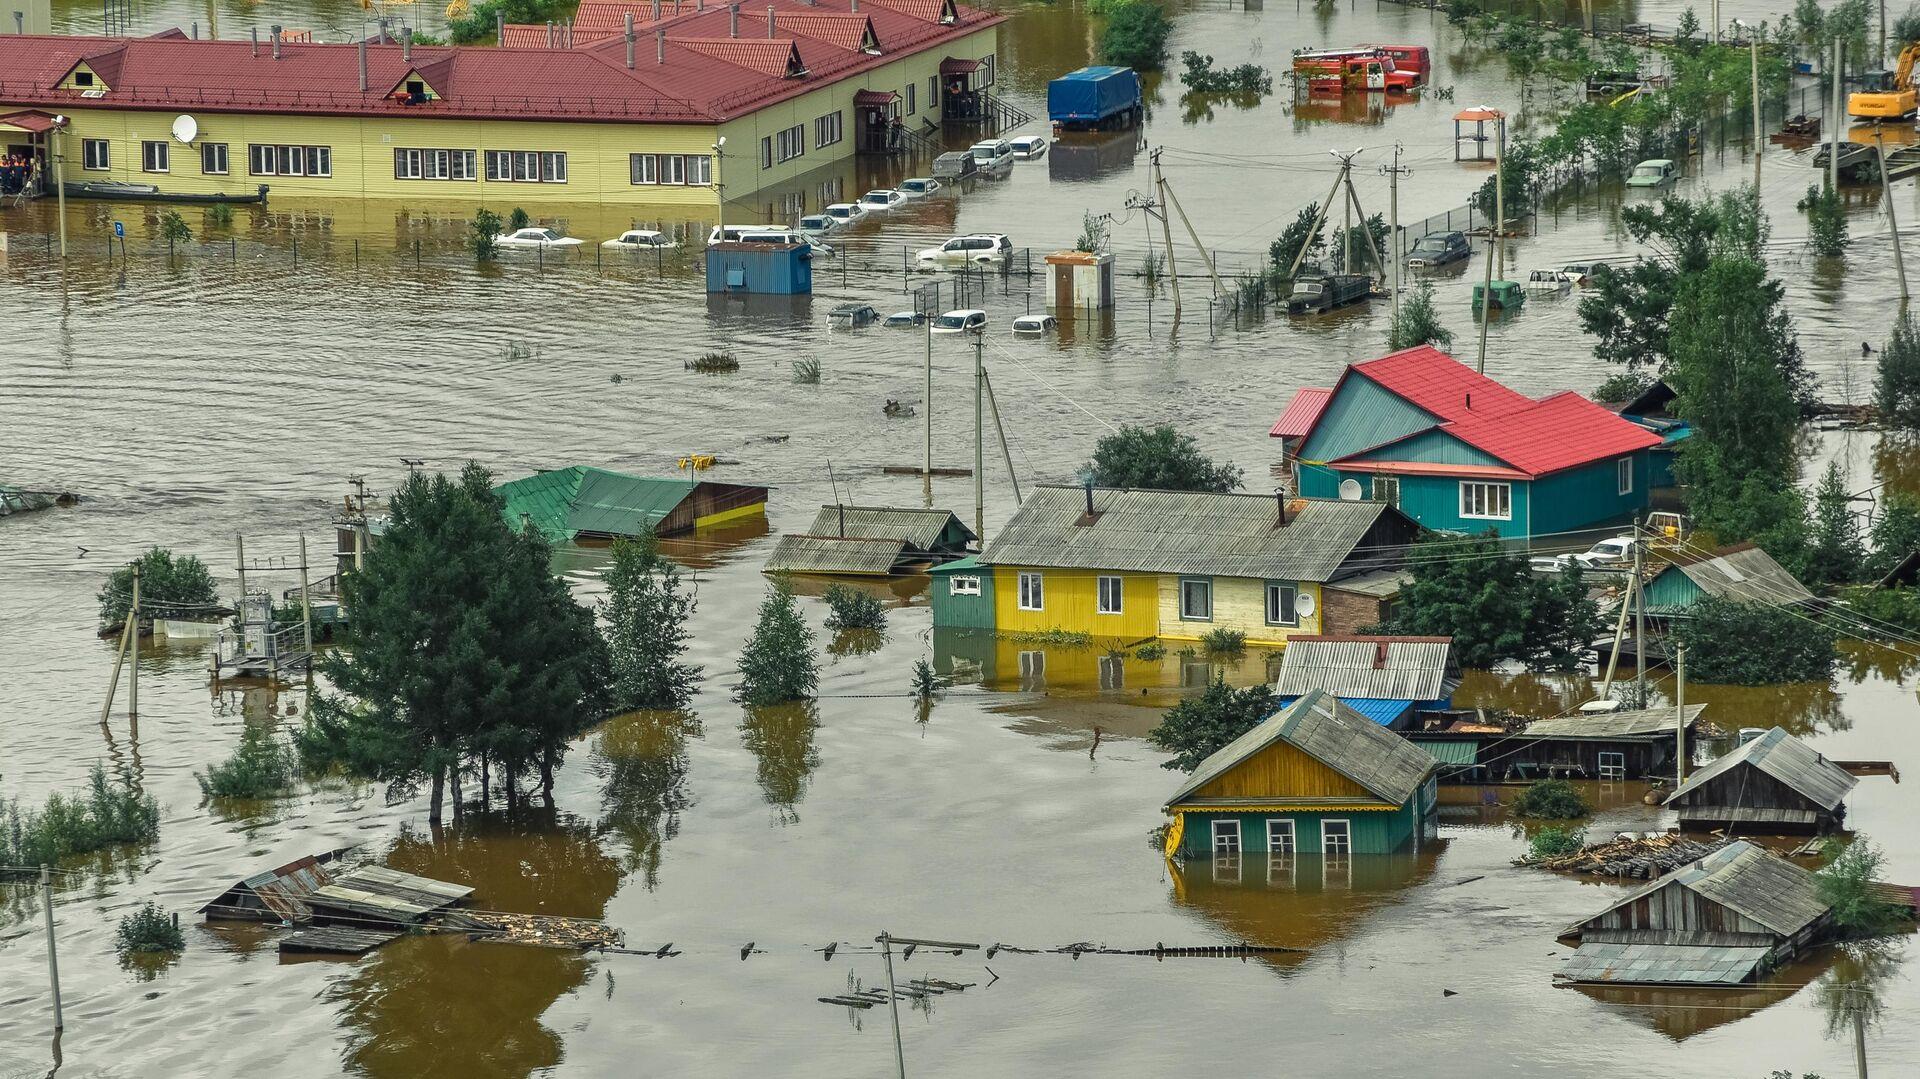 Затопленные дома в селе Норск в Селемджинском районе Амурской области - РИА Новости, 1920, 24.09.2020